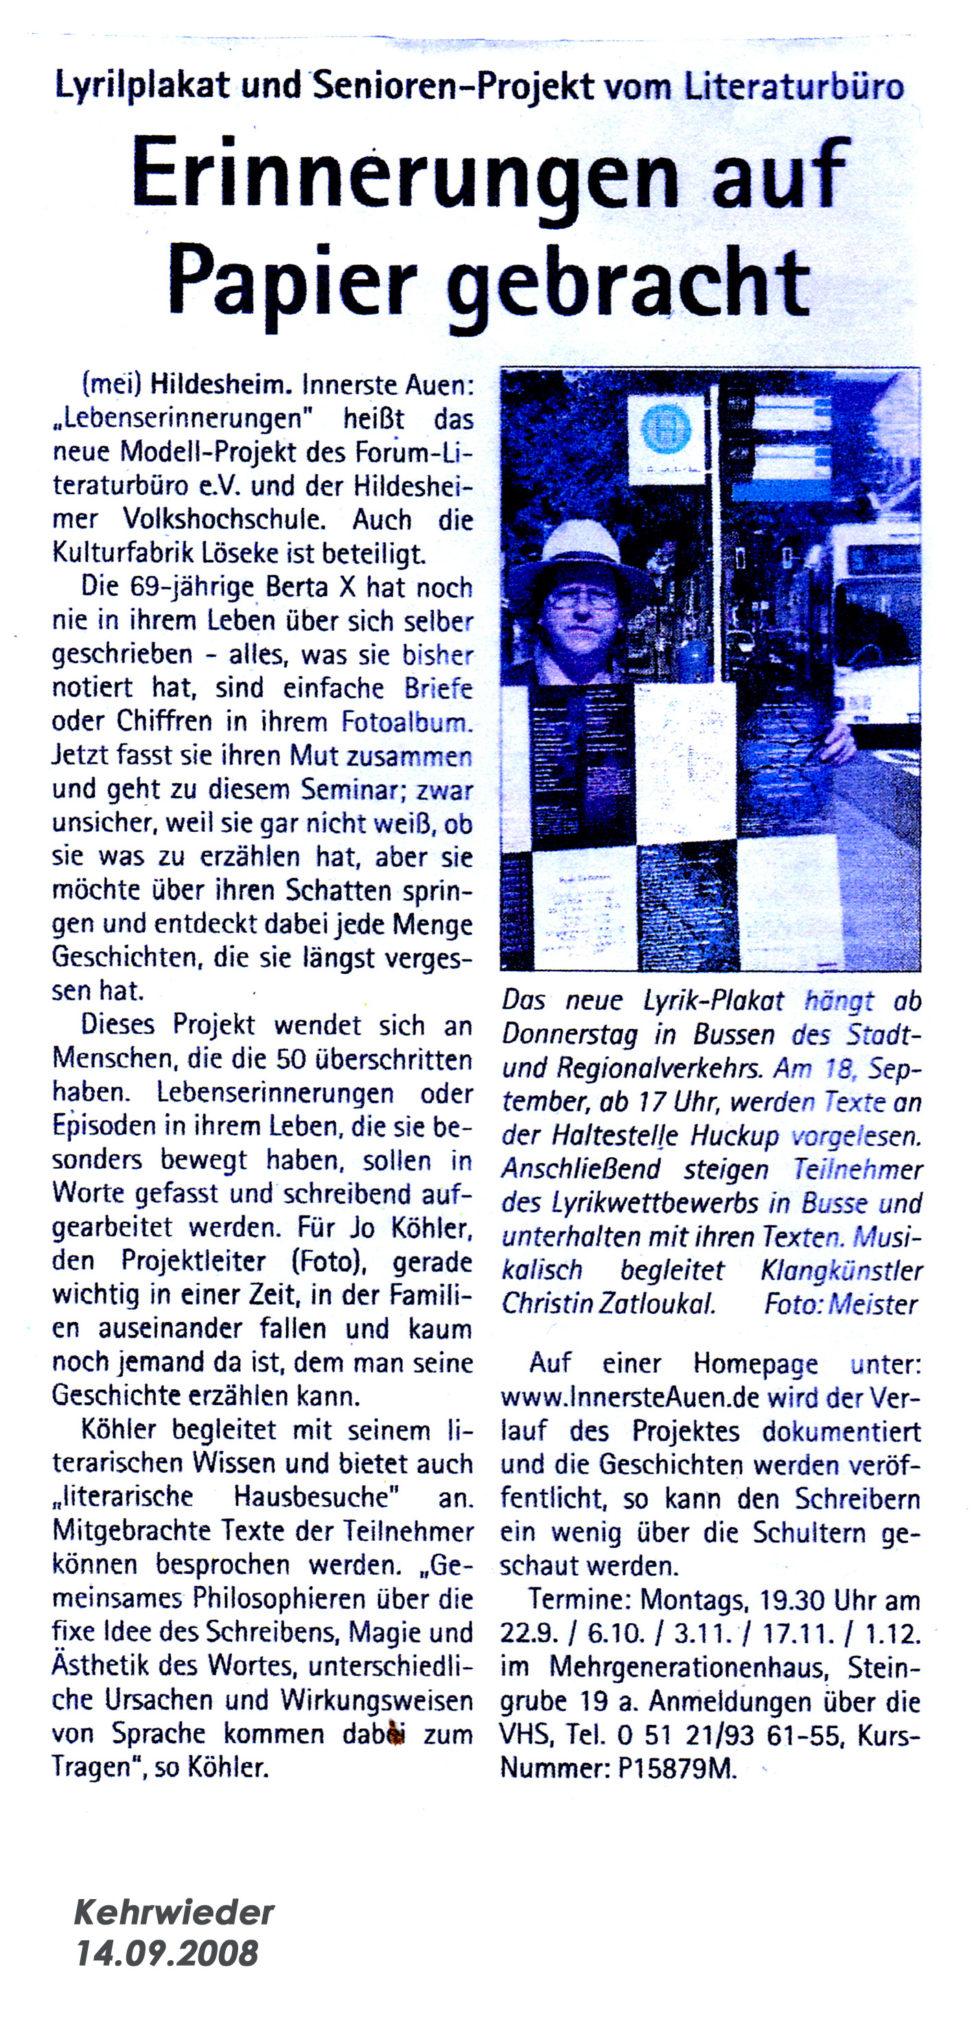 Biografisches-Schreiben_2018_04 Presse 10.12.2008